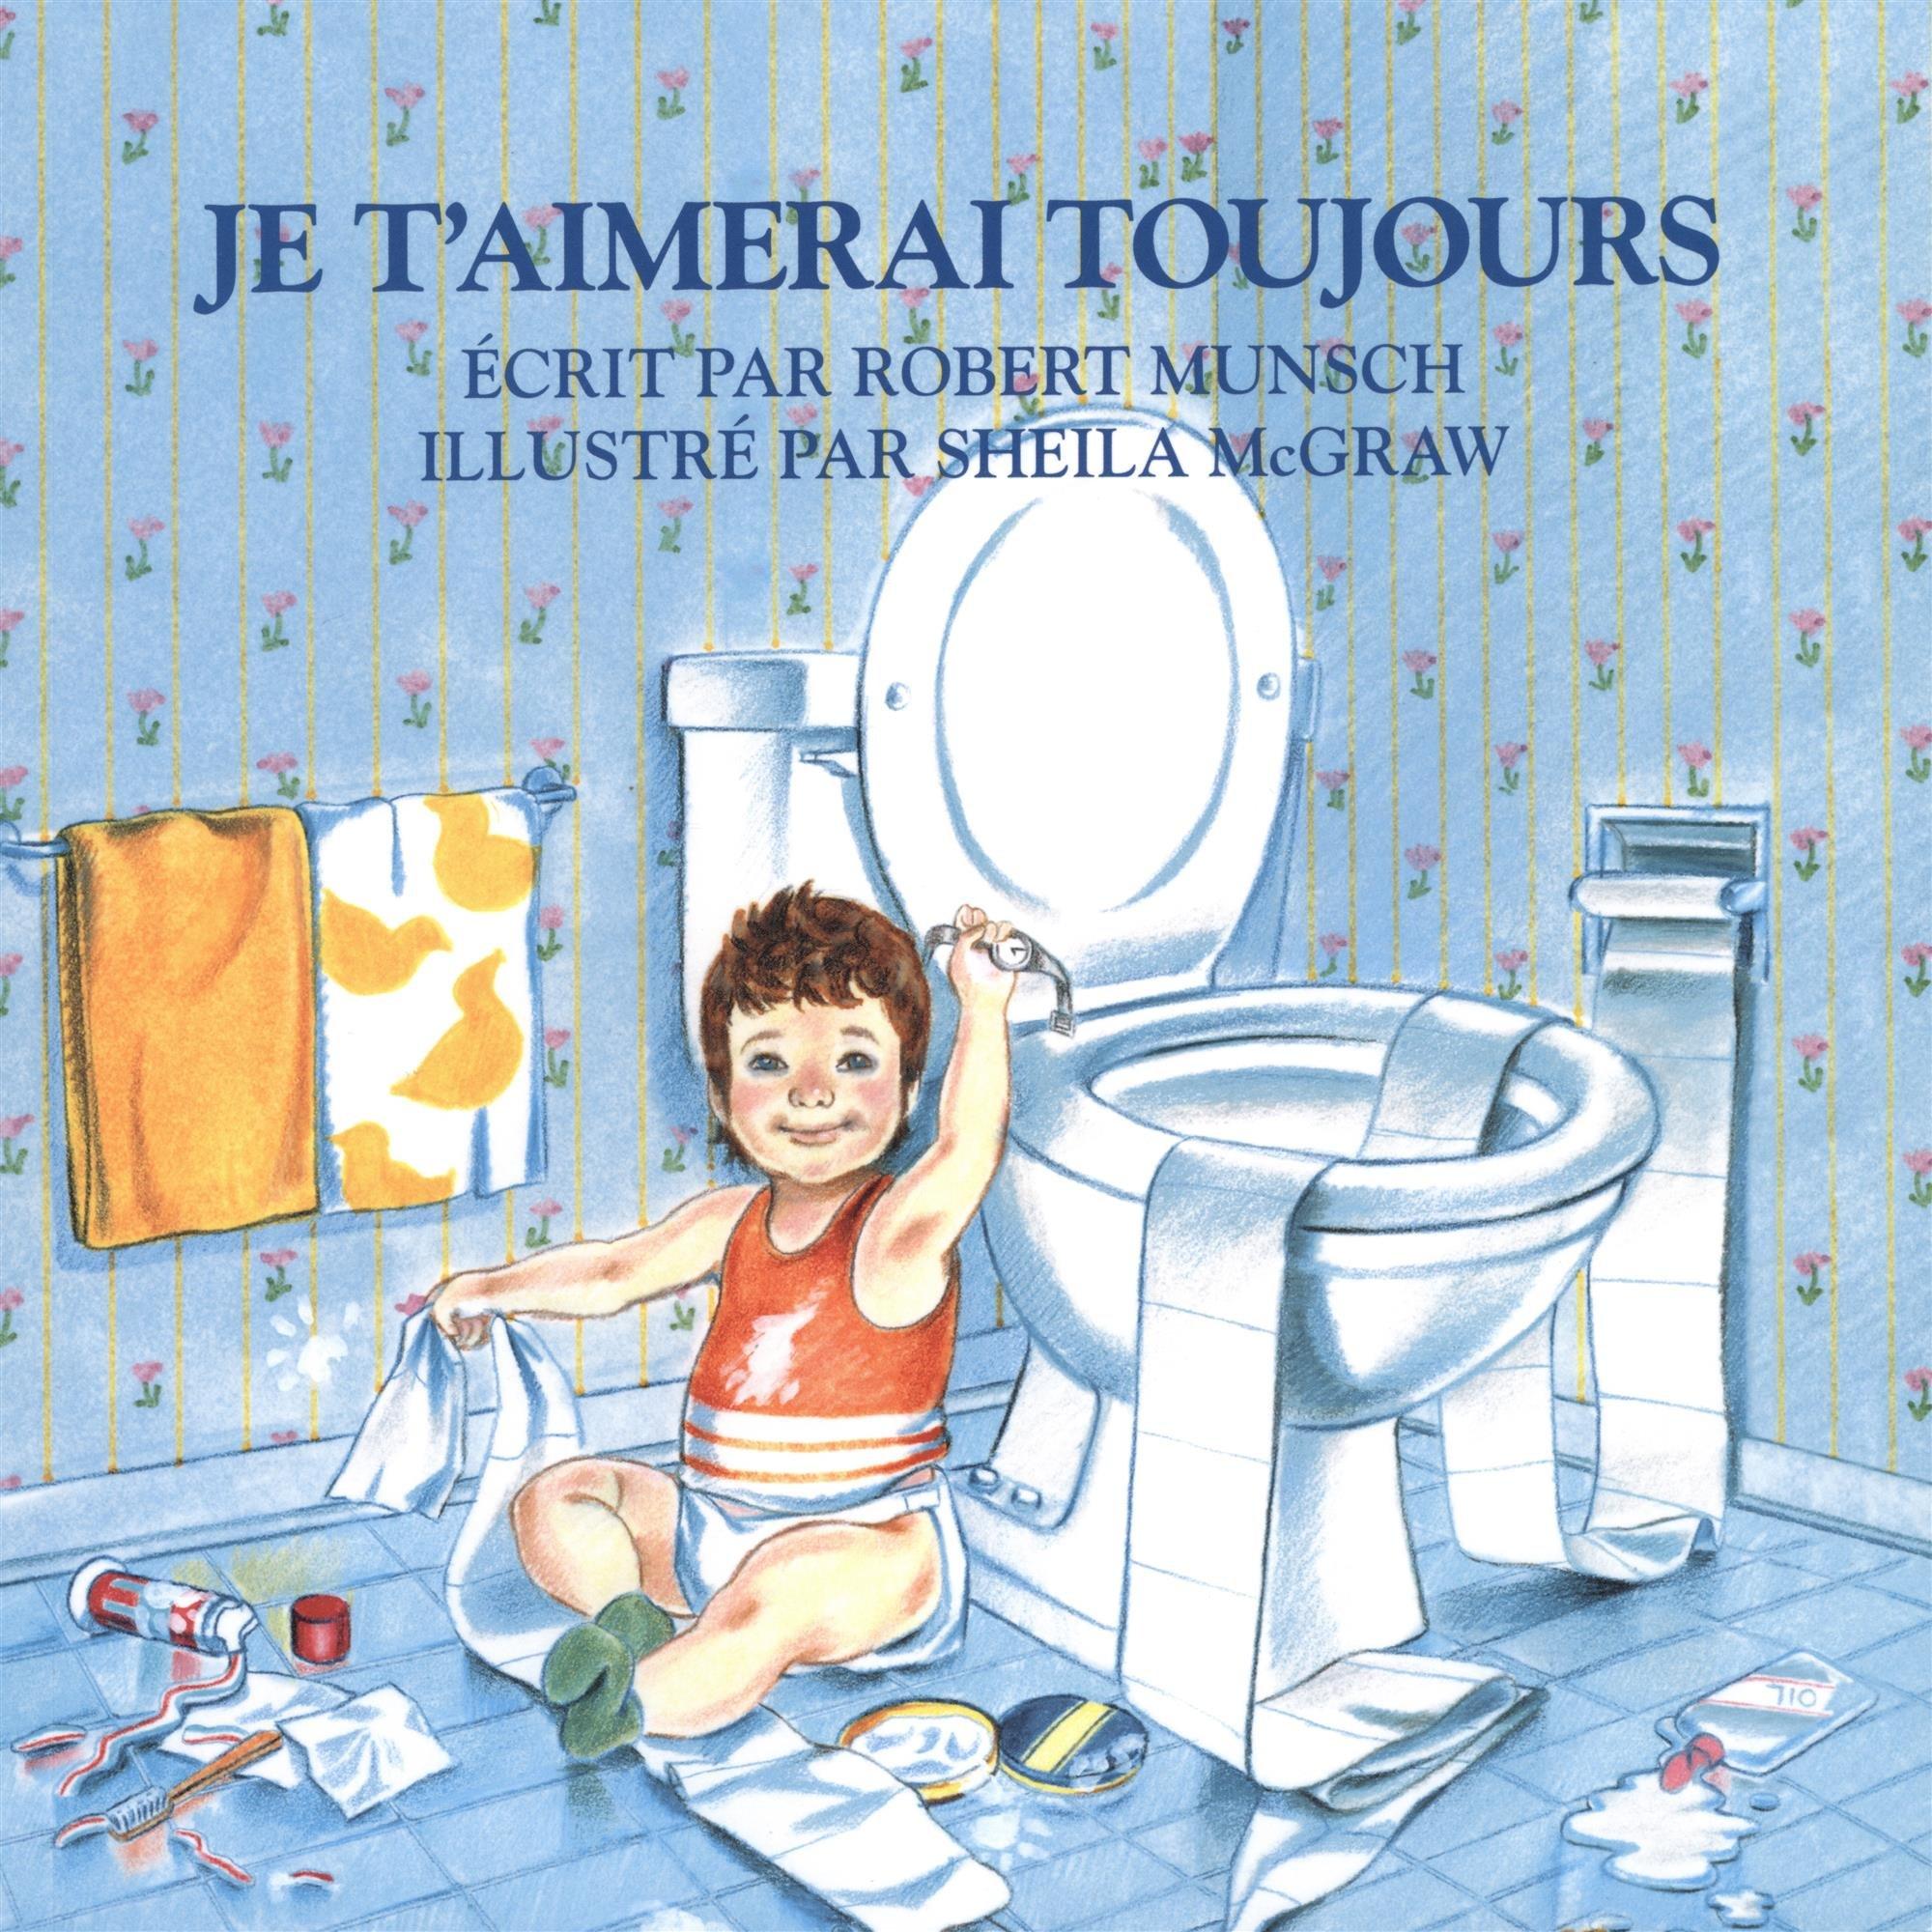 Je tAimerai Toujours: Amazon.es: Robert Munsch, Sheila McGraw: Libros en idiomas extranjeros